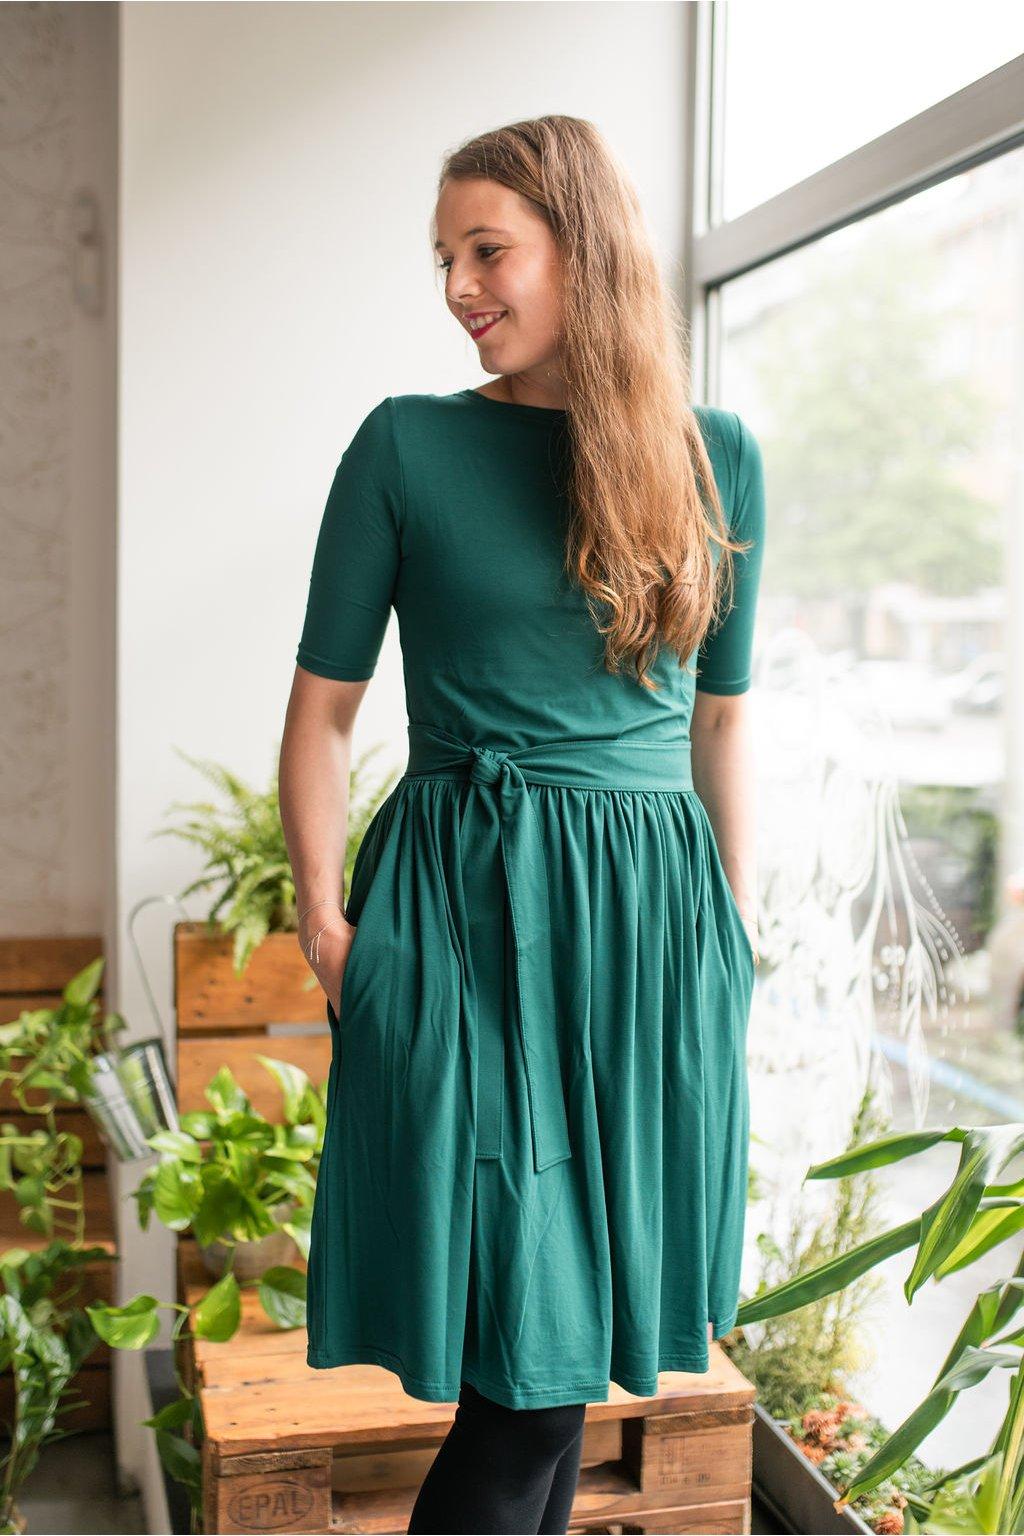 Reparada kojici saty anita narasena sukne zelen5